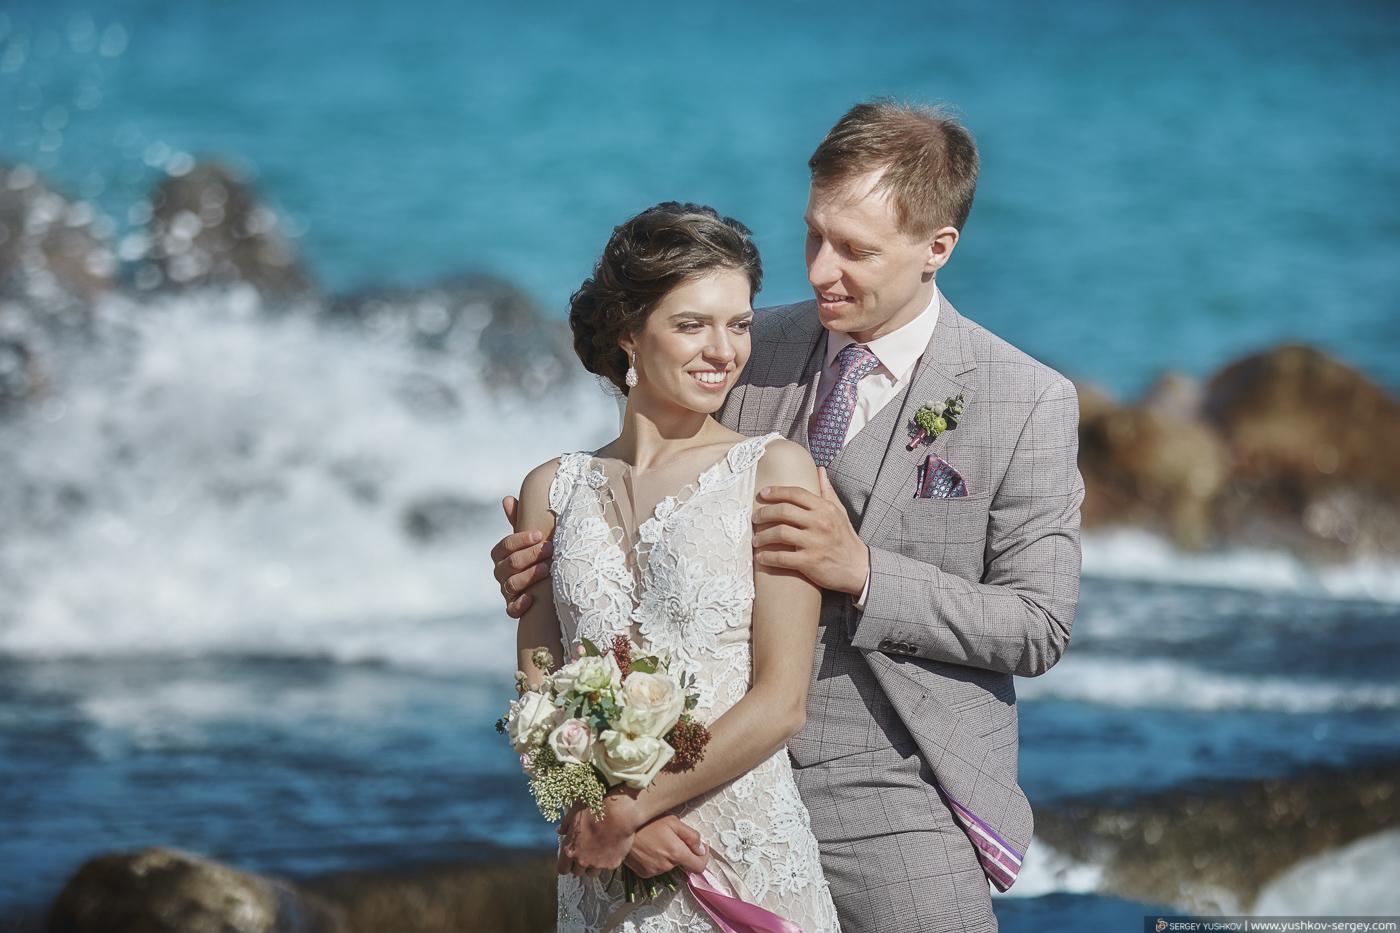 Красивая свадьба у моря в Крыму. Профессиональный фотограф - Сергей Юшков.